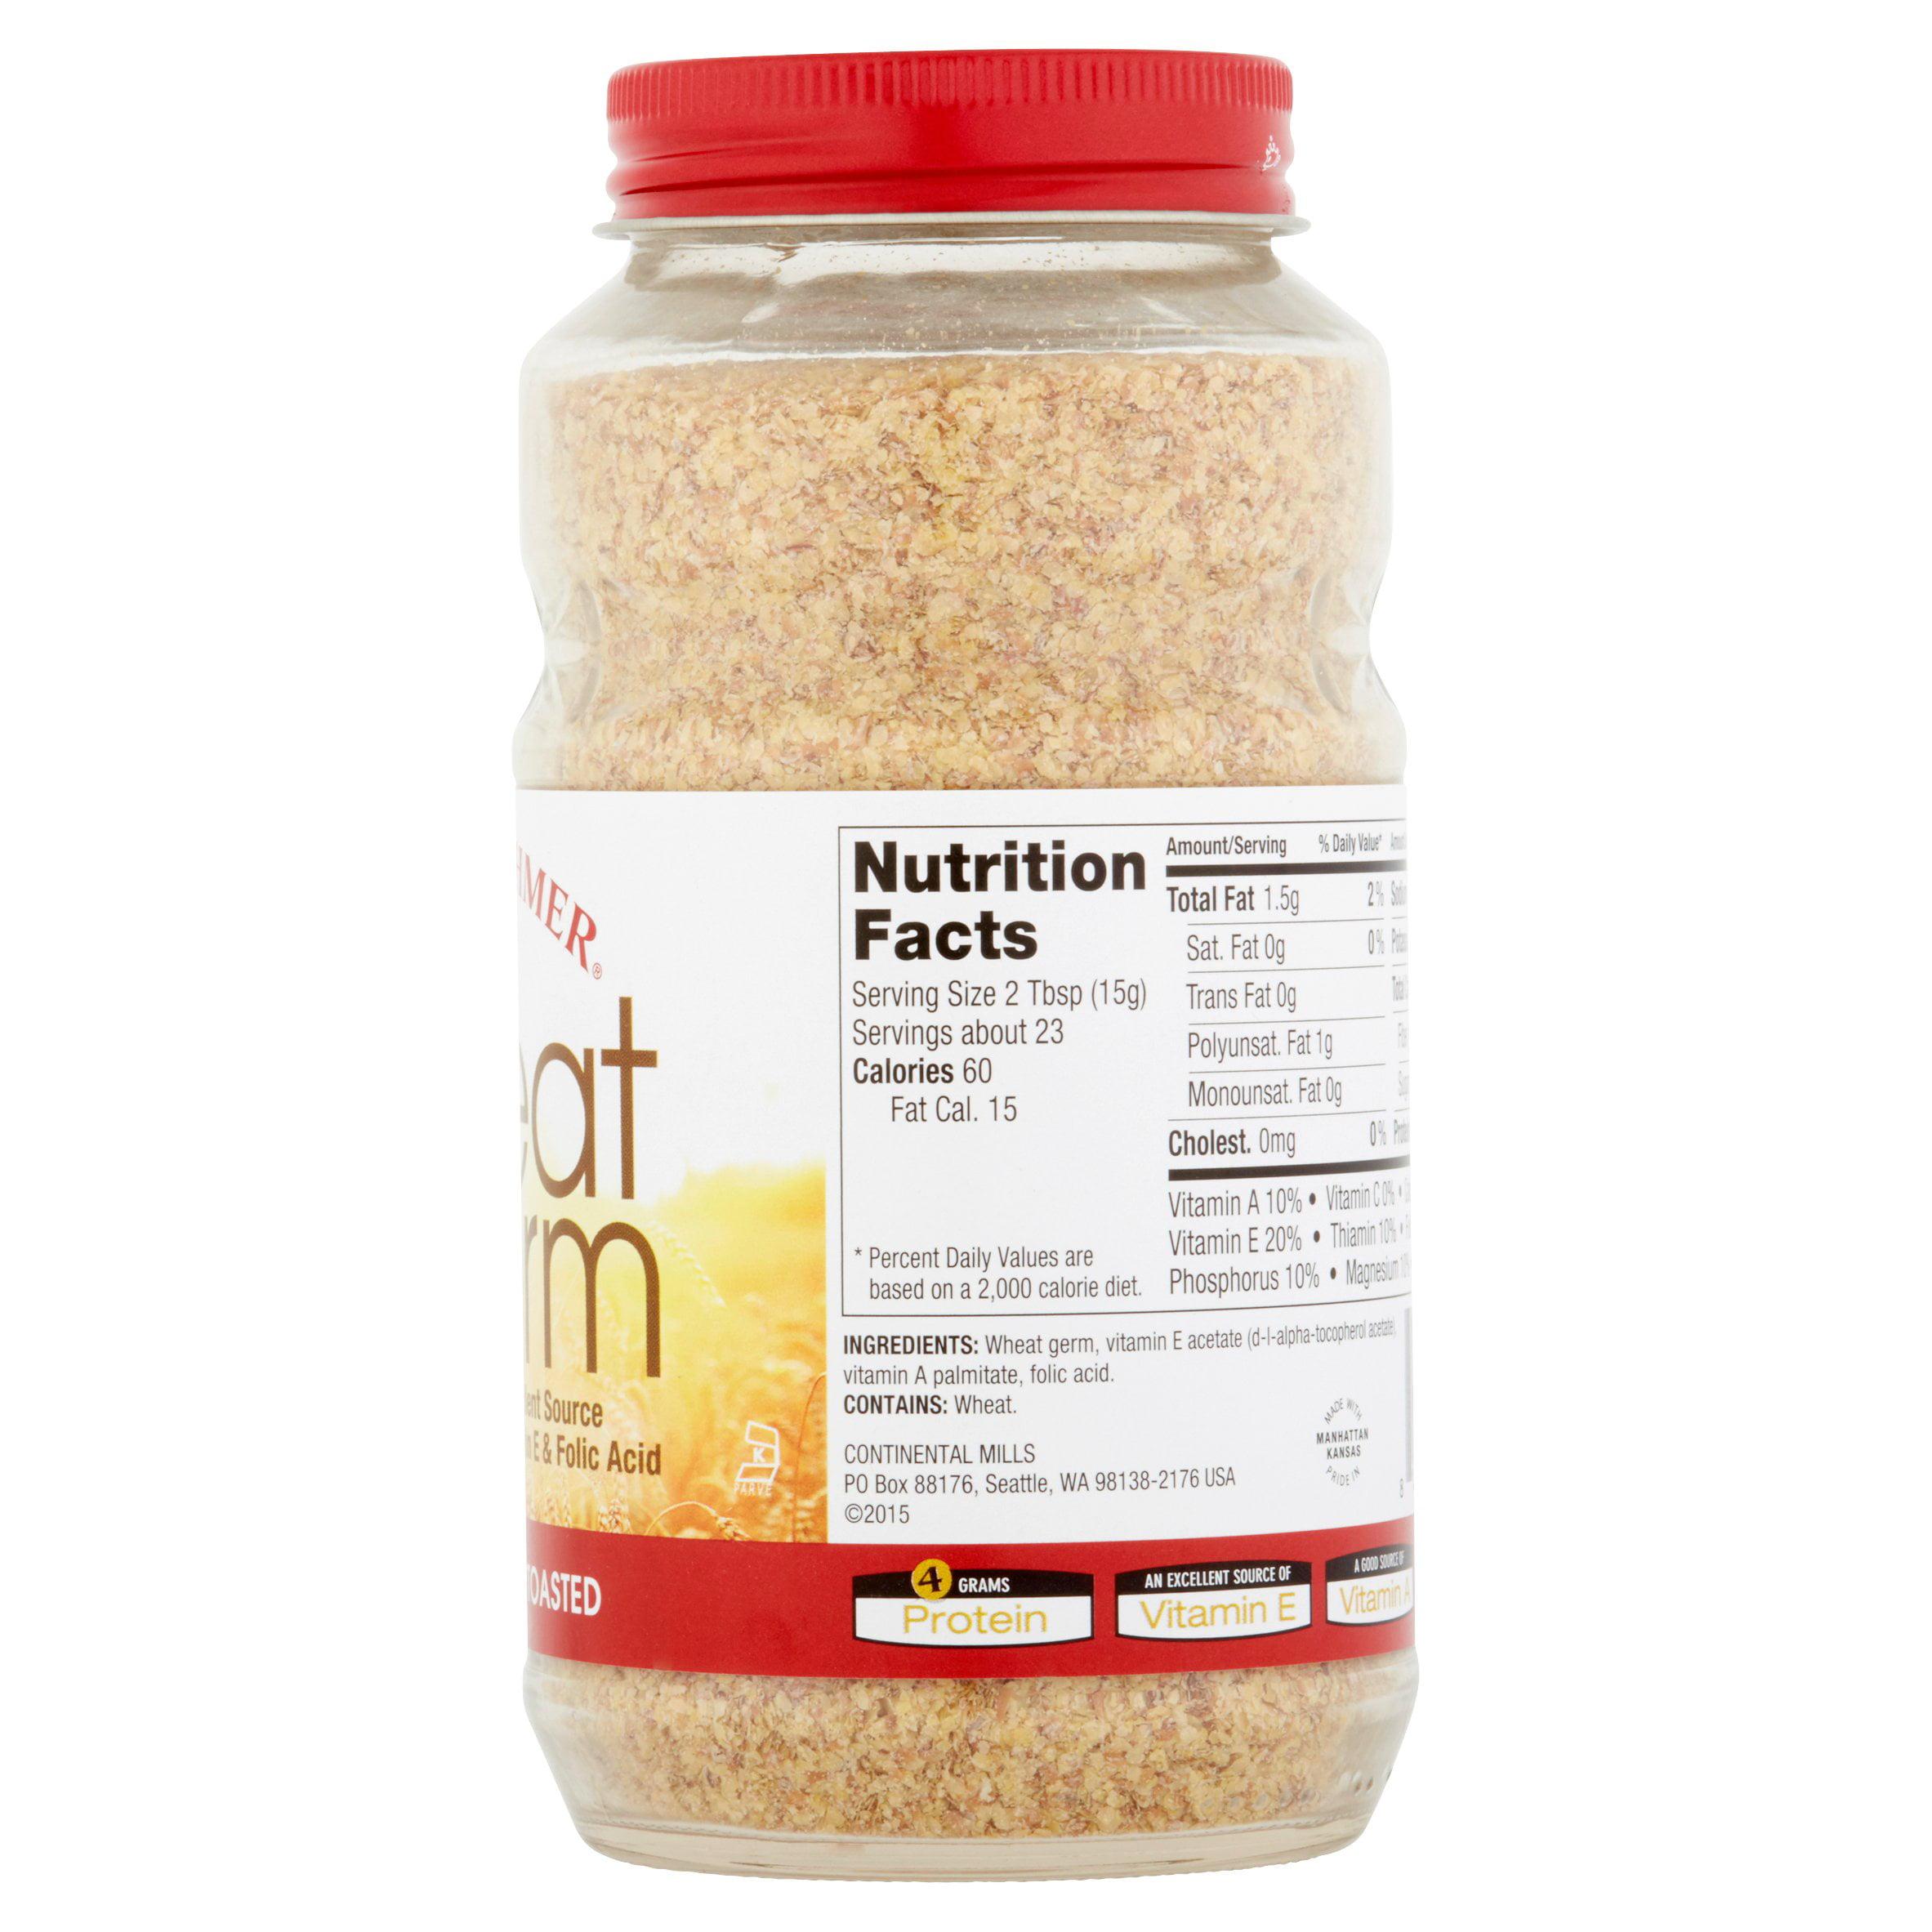 Kretschmer Original Toasted Wheat Germ, 12 oz - Walmart com